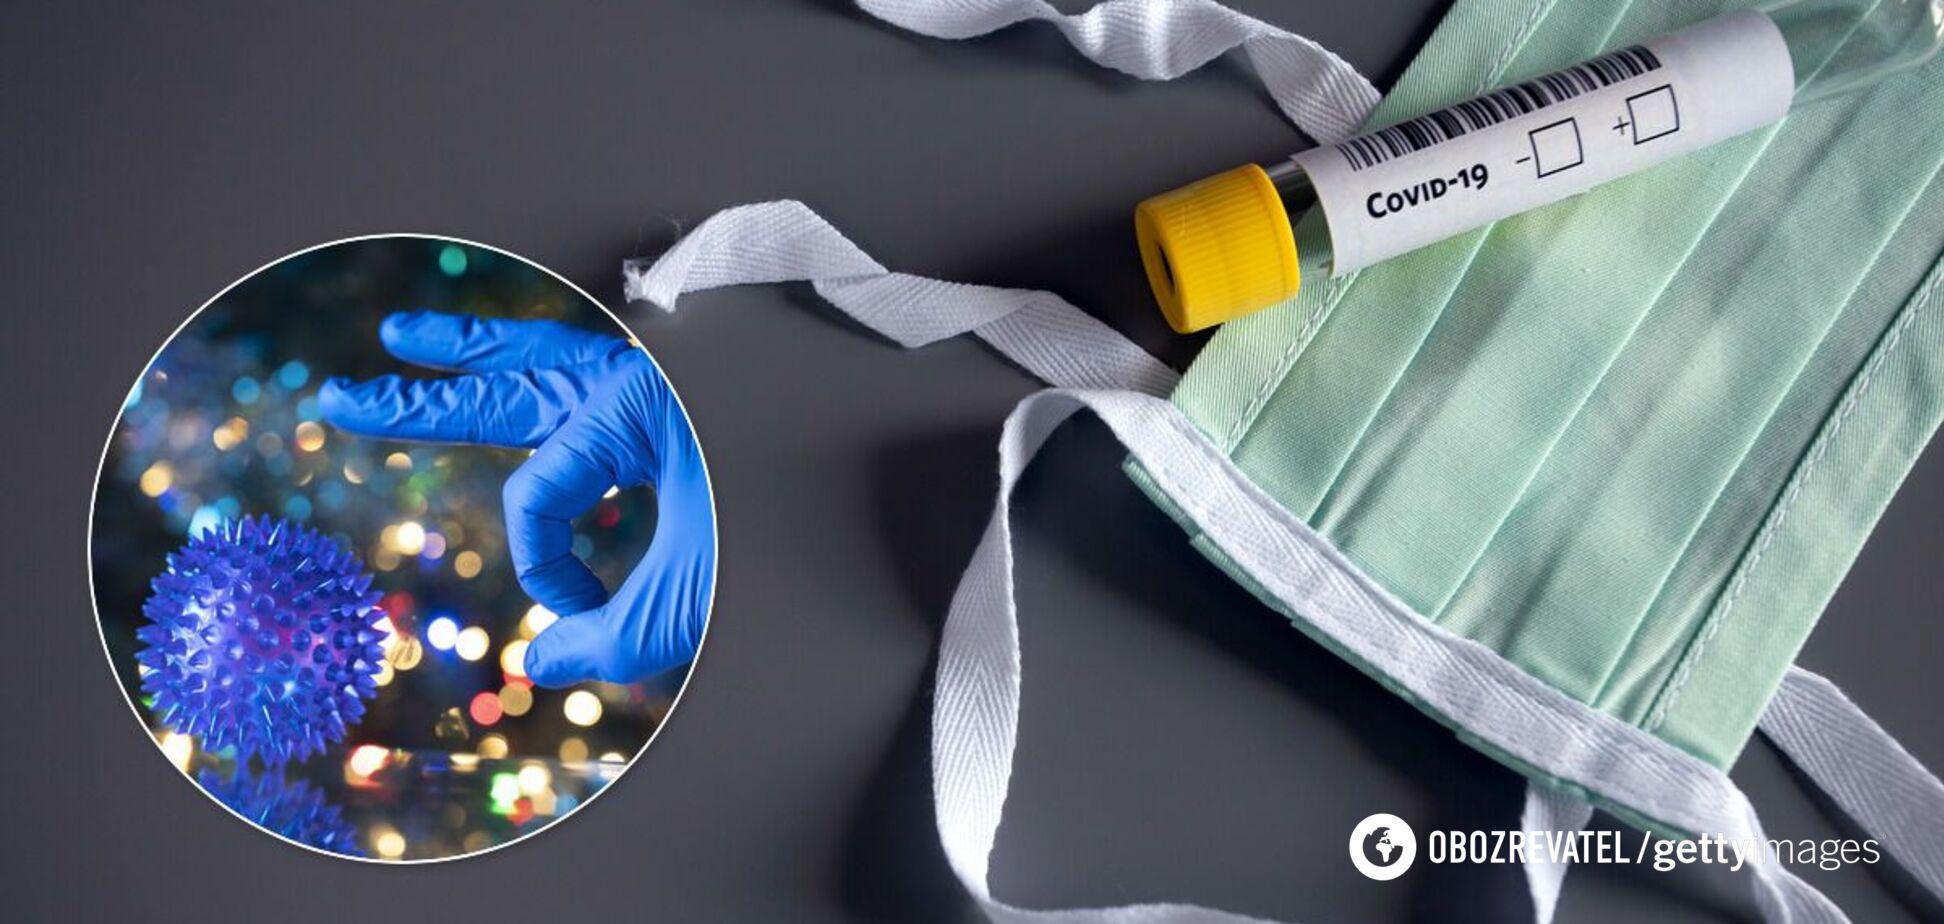 Учені заявили про спосіб позбутися пандемії COVID-19 за шість тижнів